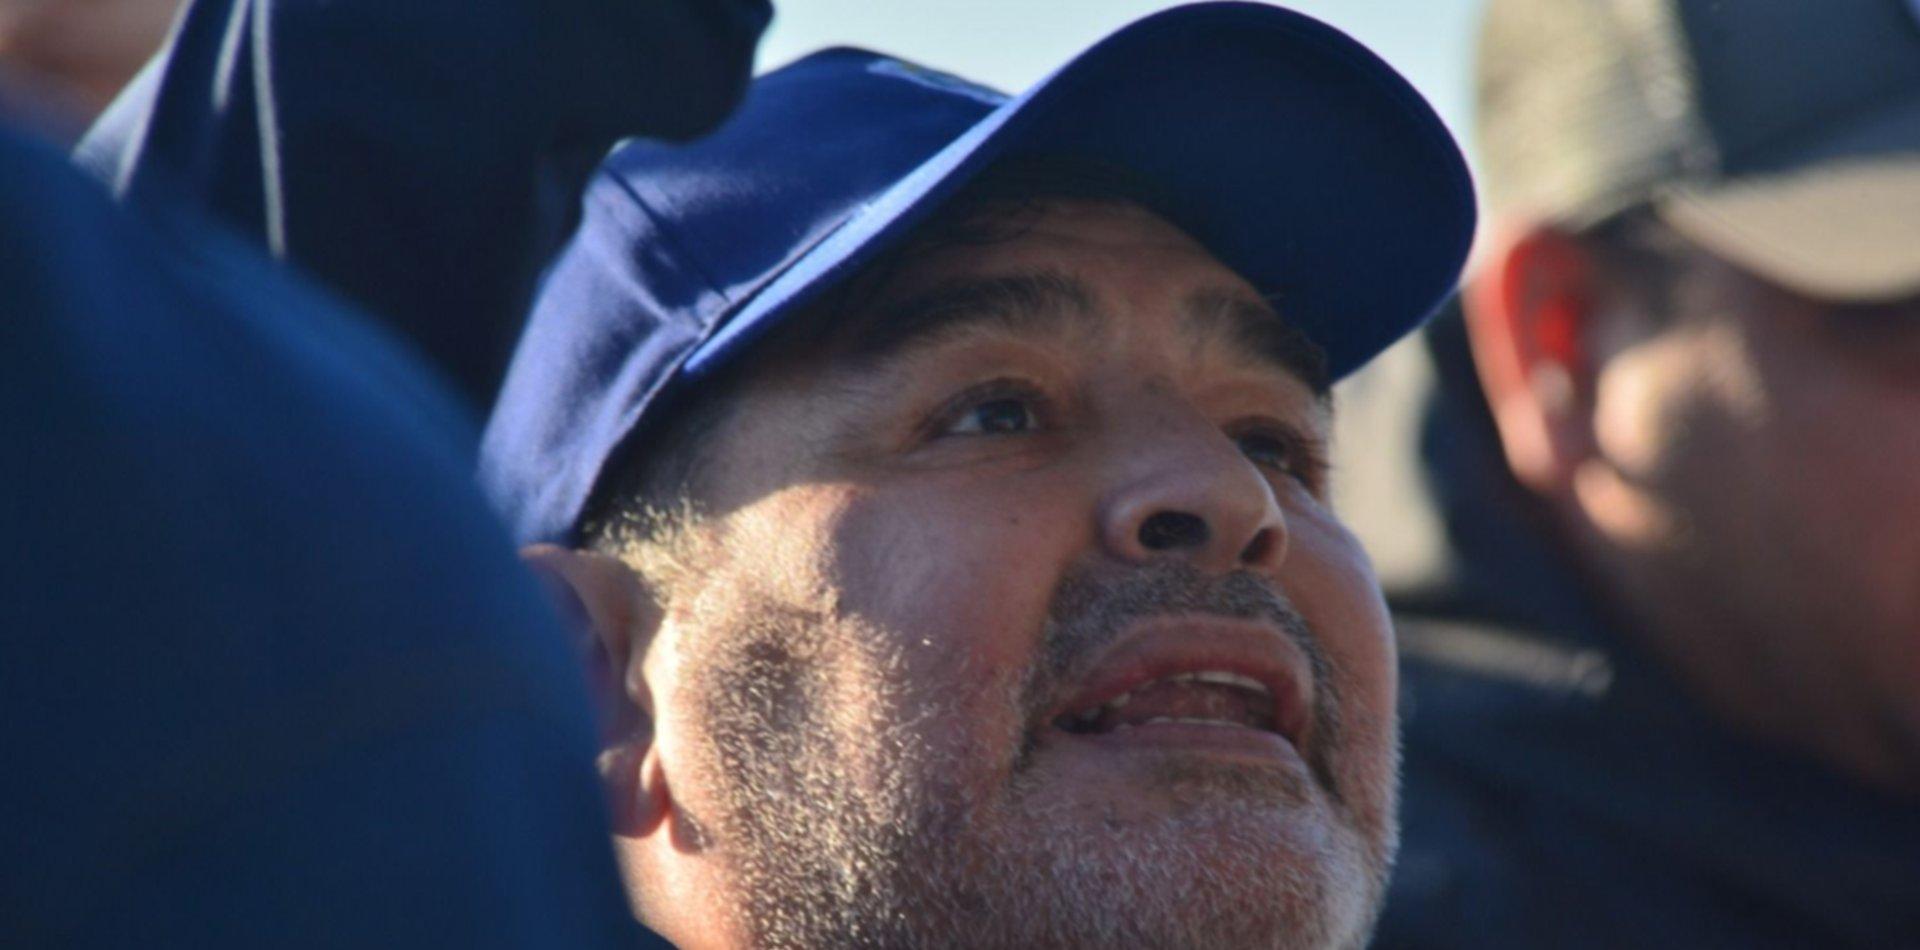 ¿Cómo fueron las últimas horas de Diego Maradona antes de su muerte?